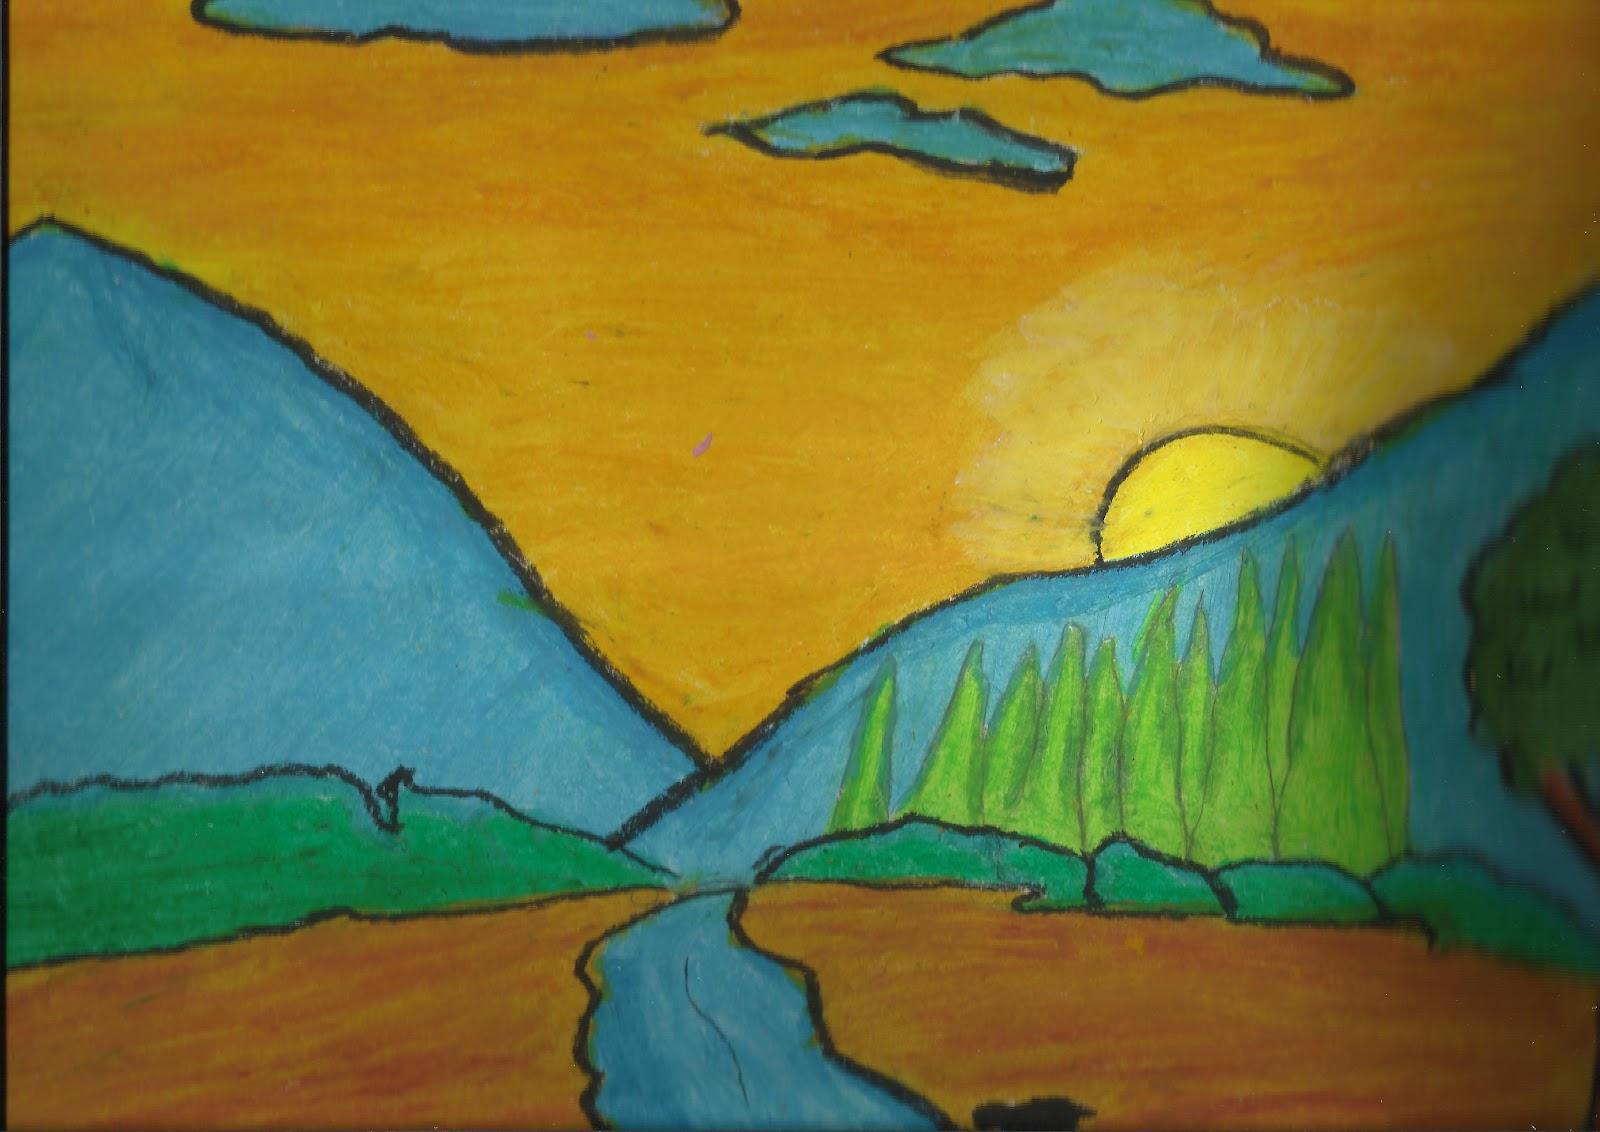 Gagasan Objek Karya Seni Rupa Seni Rupa Tiga Dimensi Mikirbae Vivi Angelina Pemandangan Alam Pegunungan